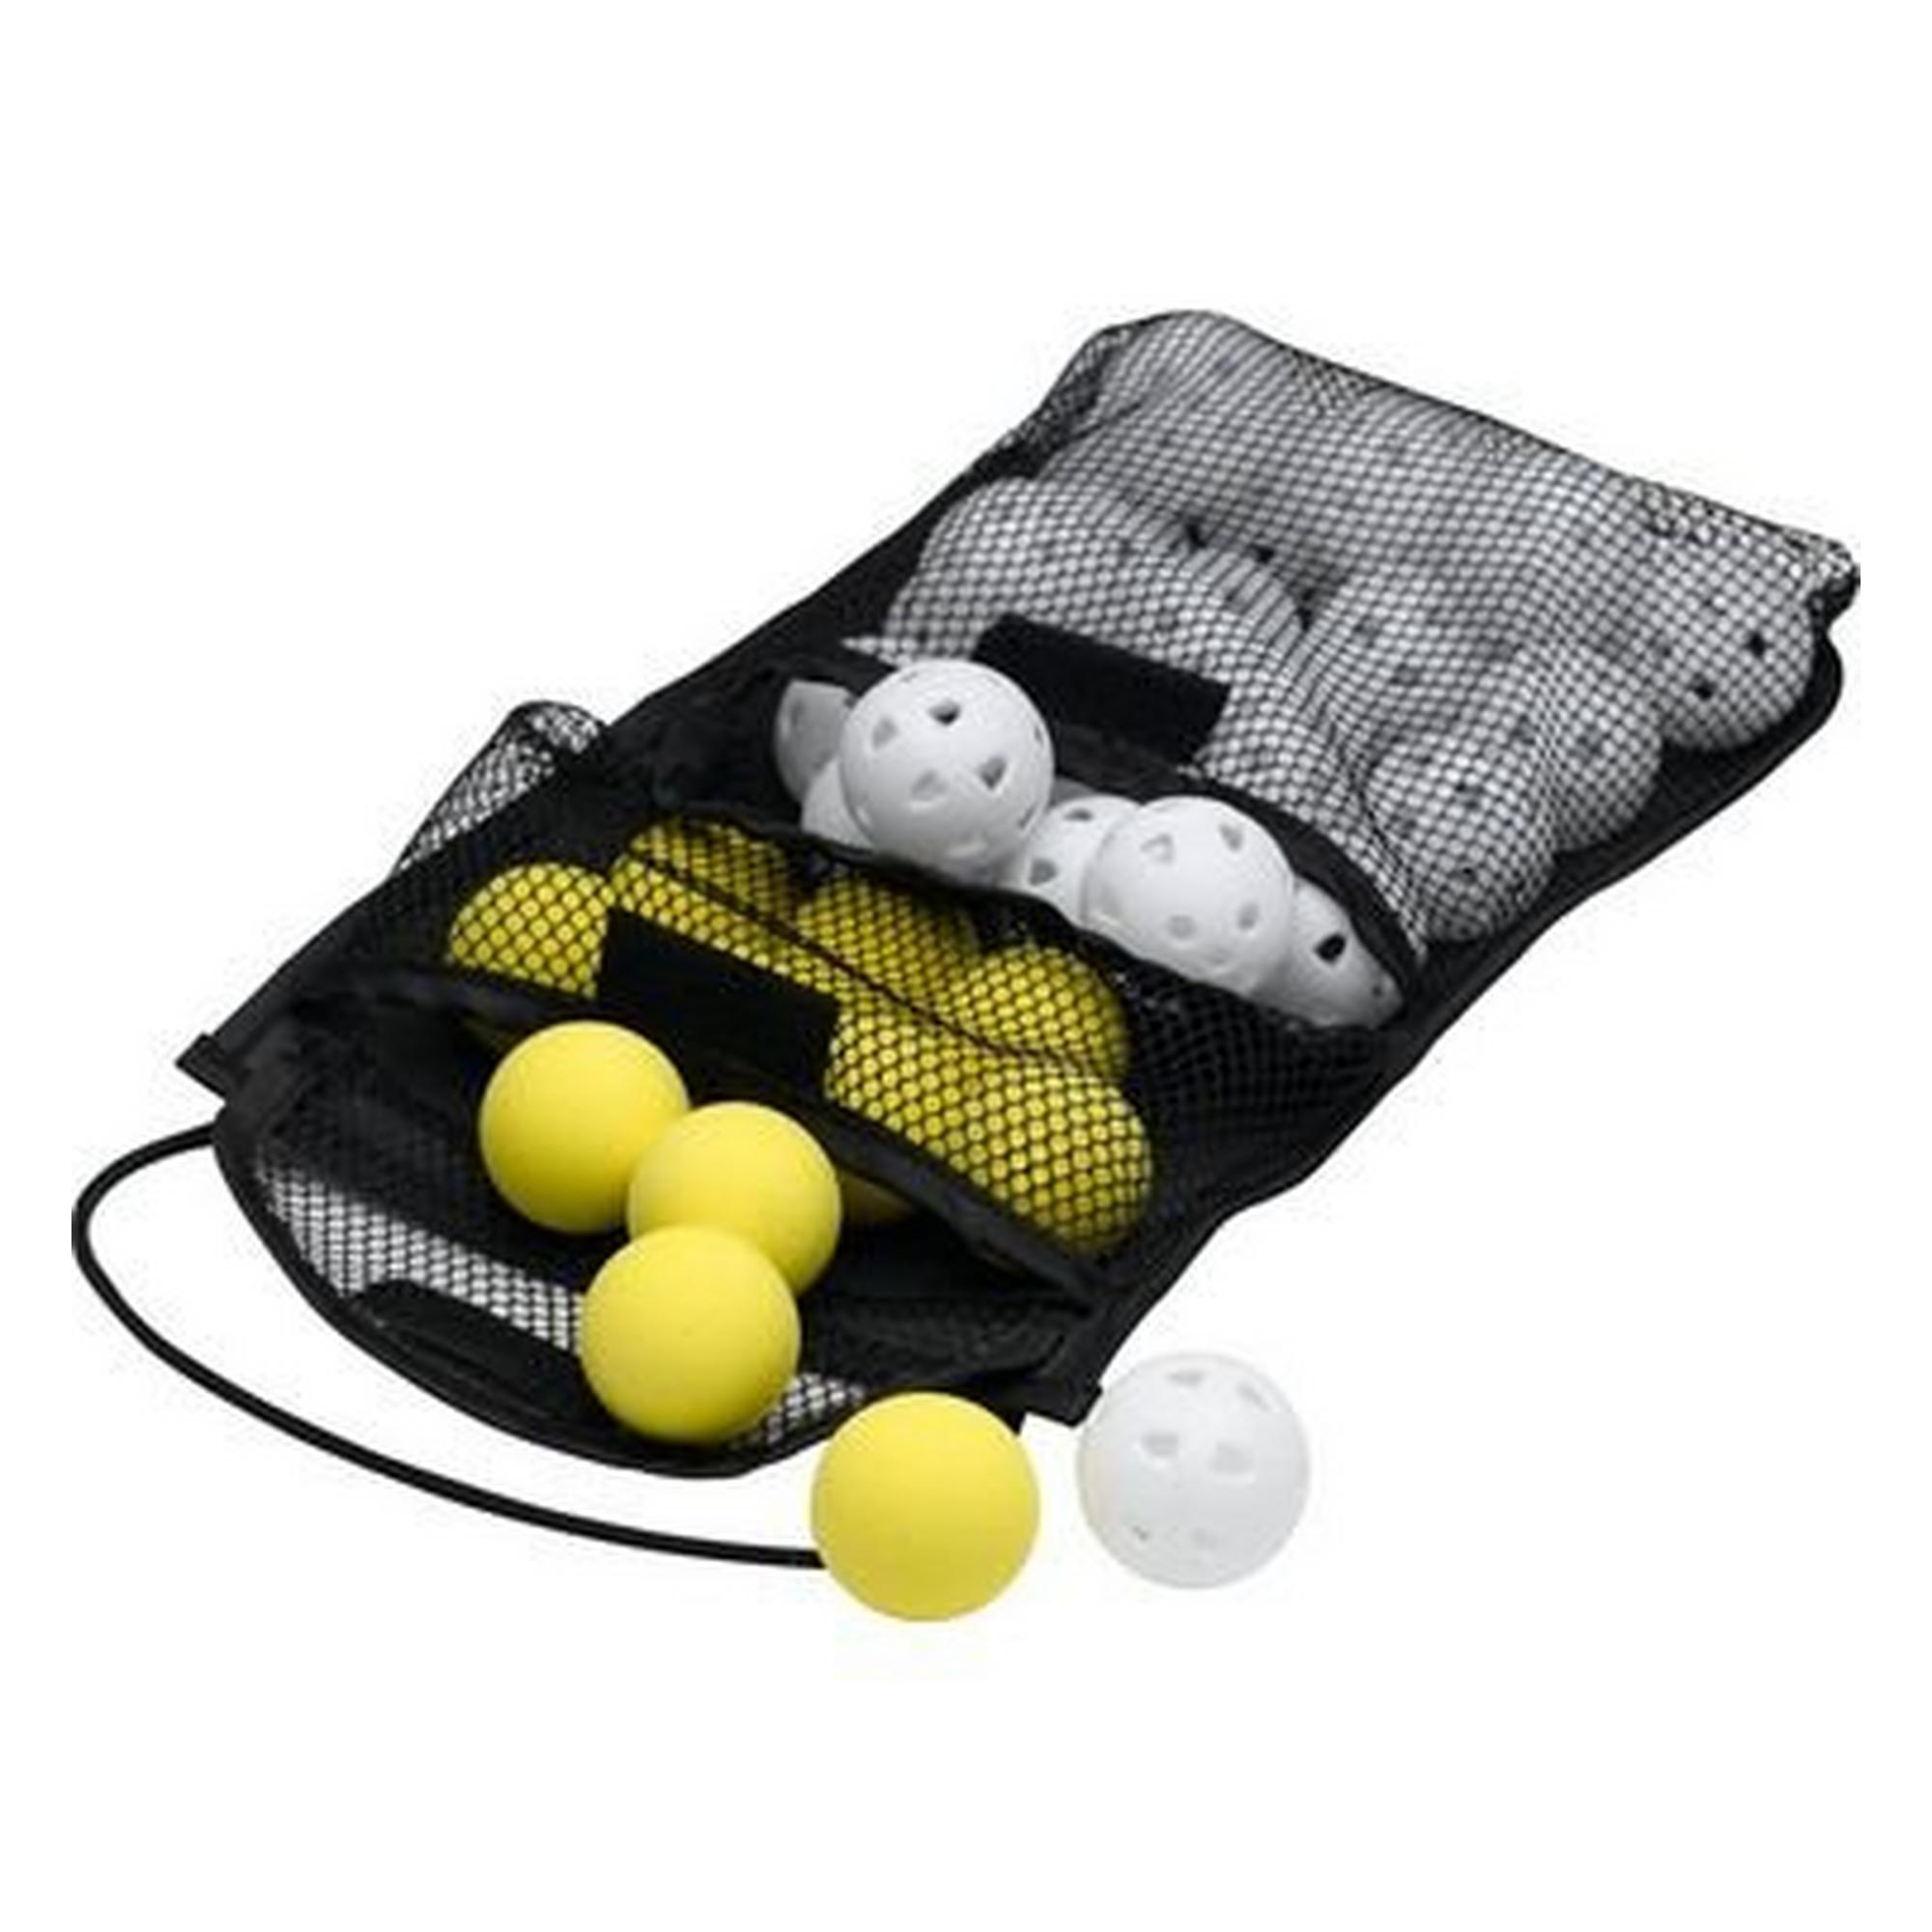 Foam and Airflow Balls in Mesh Bag